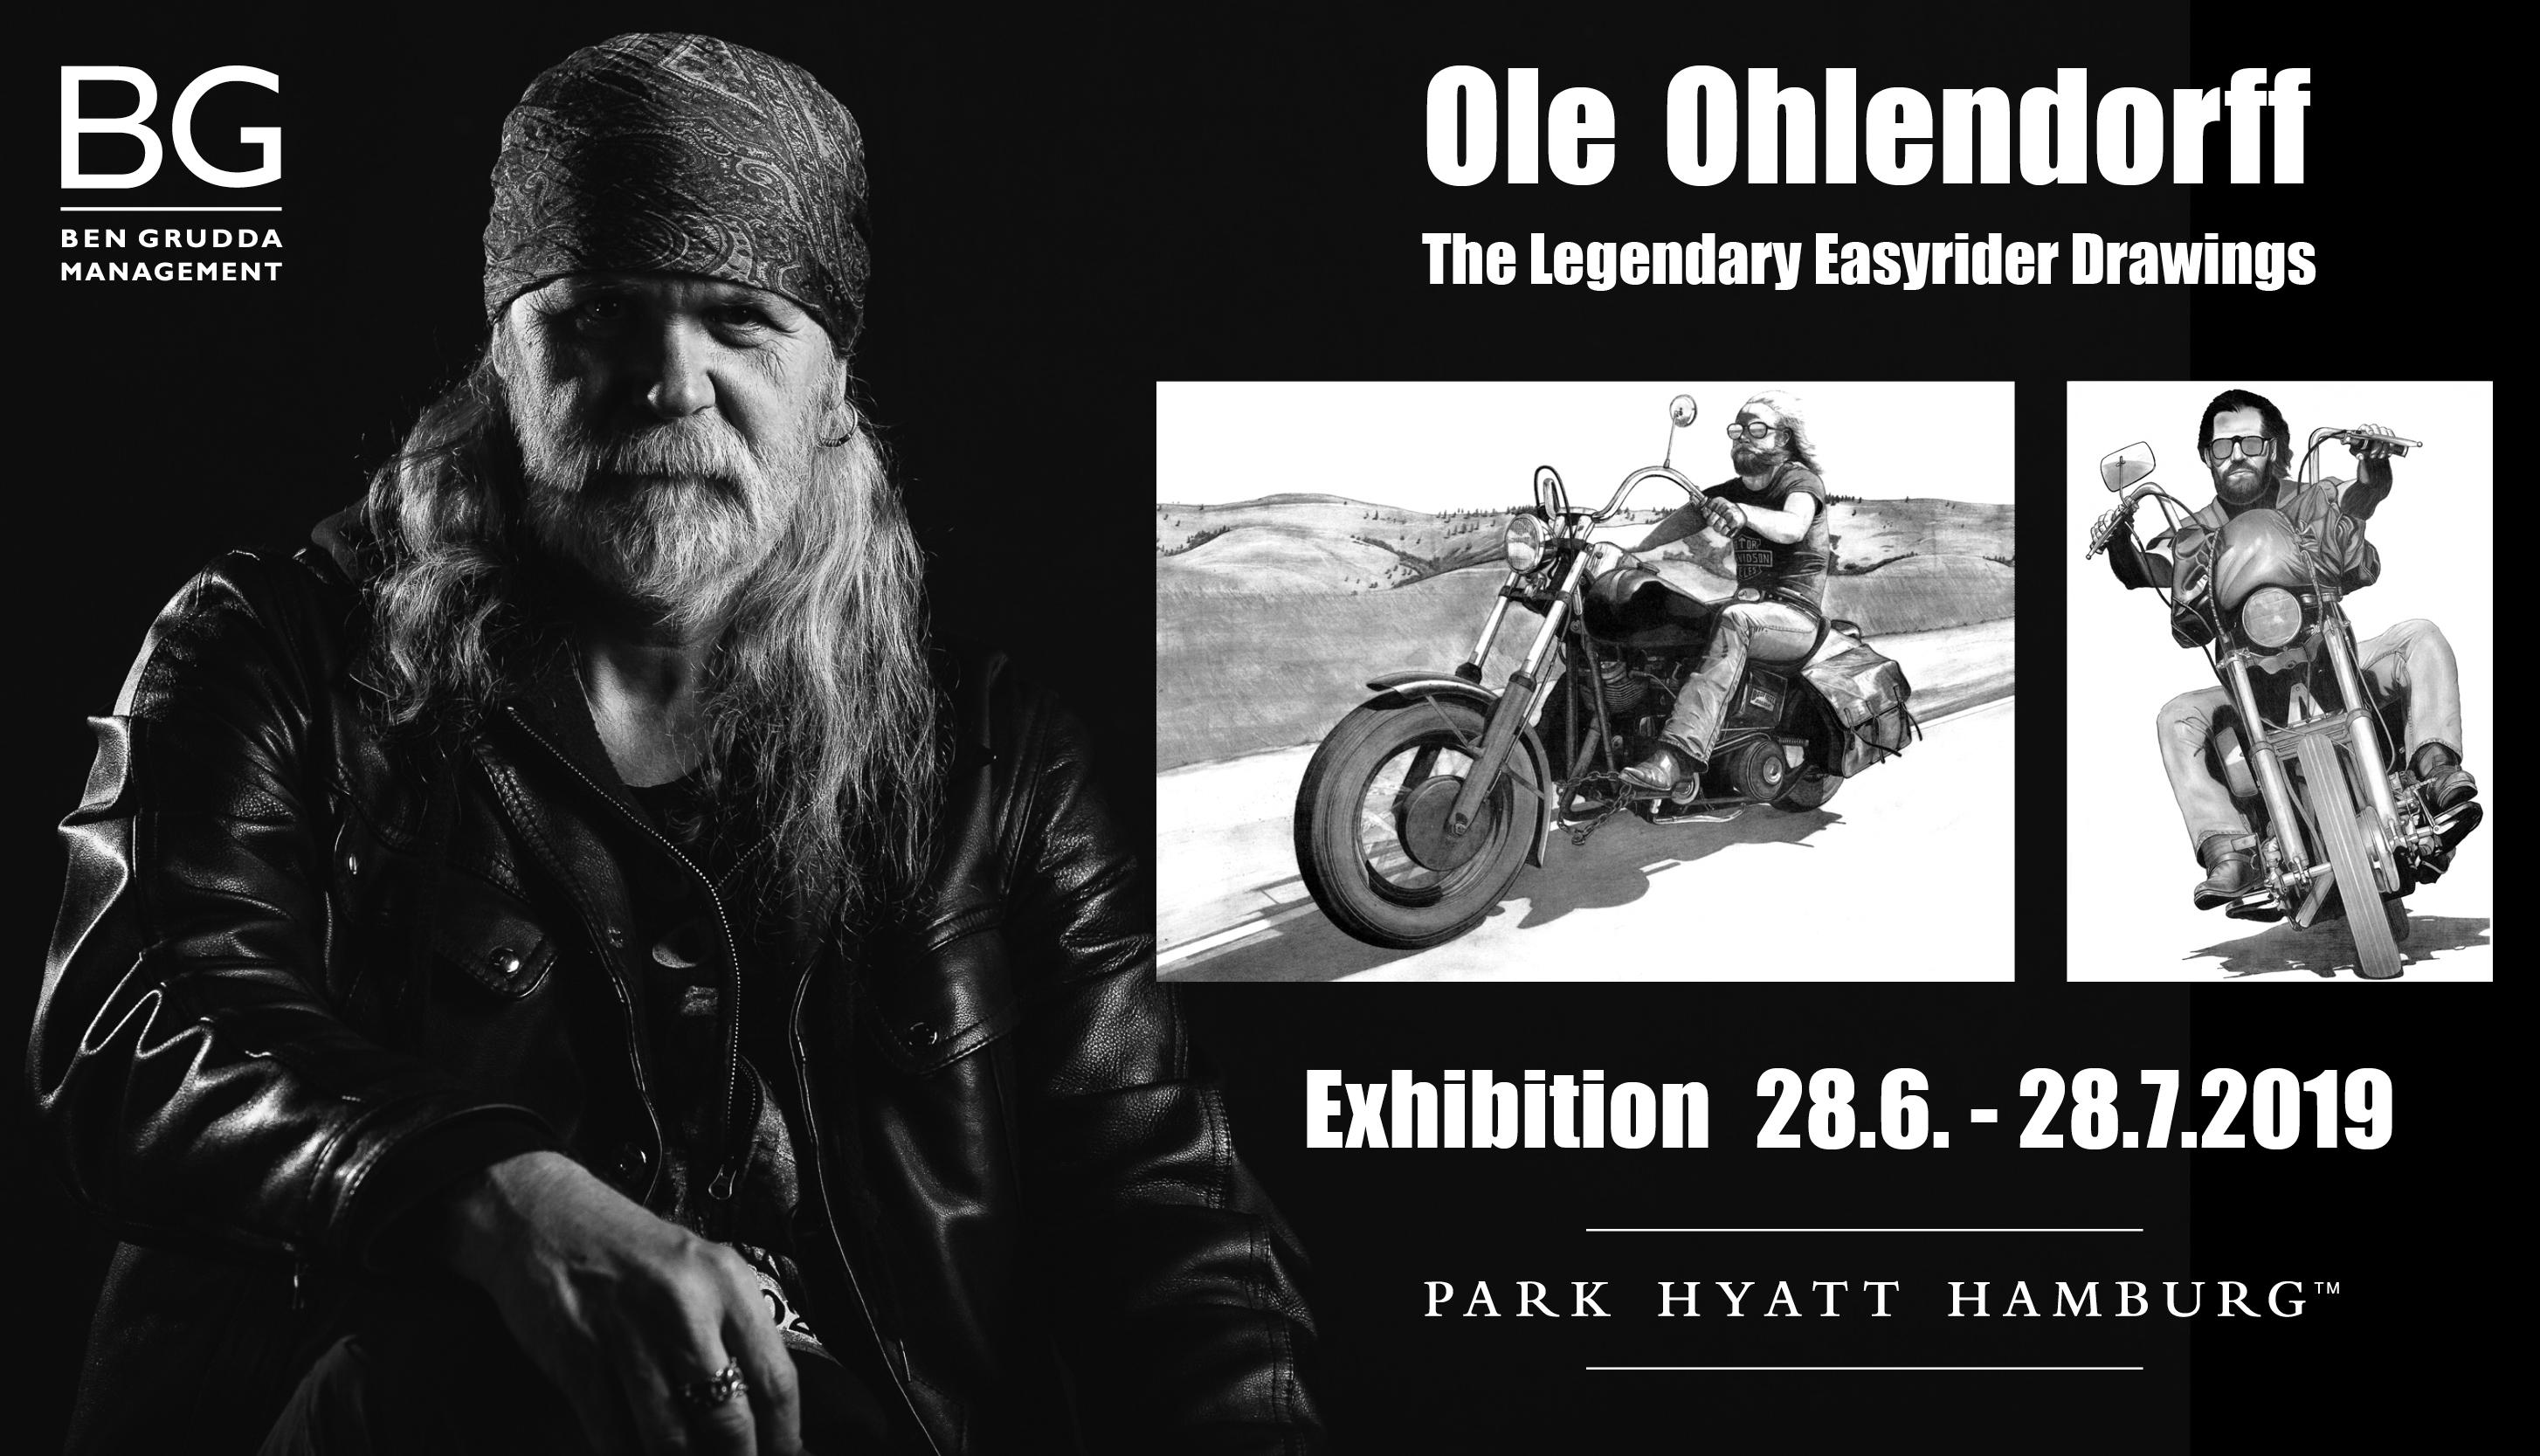 Bulle – Rocker – Maler: A life full of rock'n'roll! Künstler Ole Ohlendorff lädt Harley Fahrer ins Park Hyatt Hamburg ein